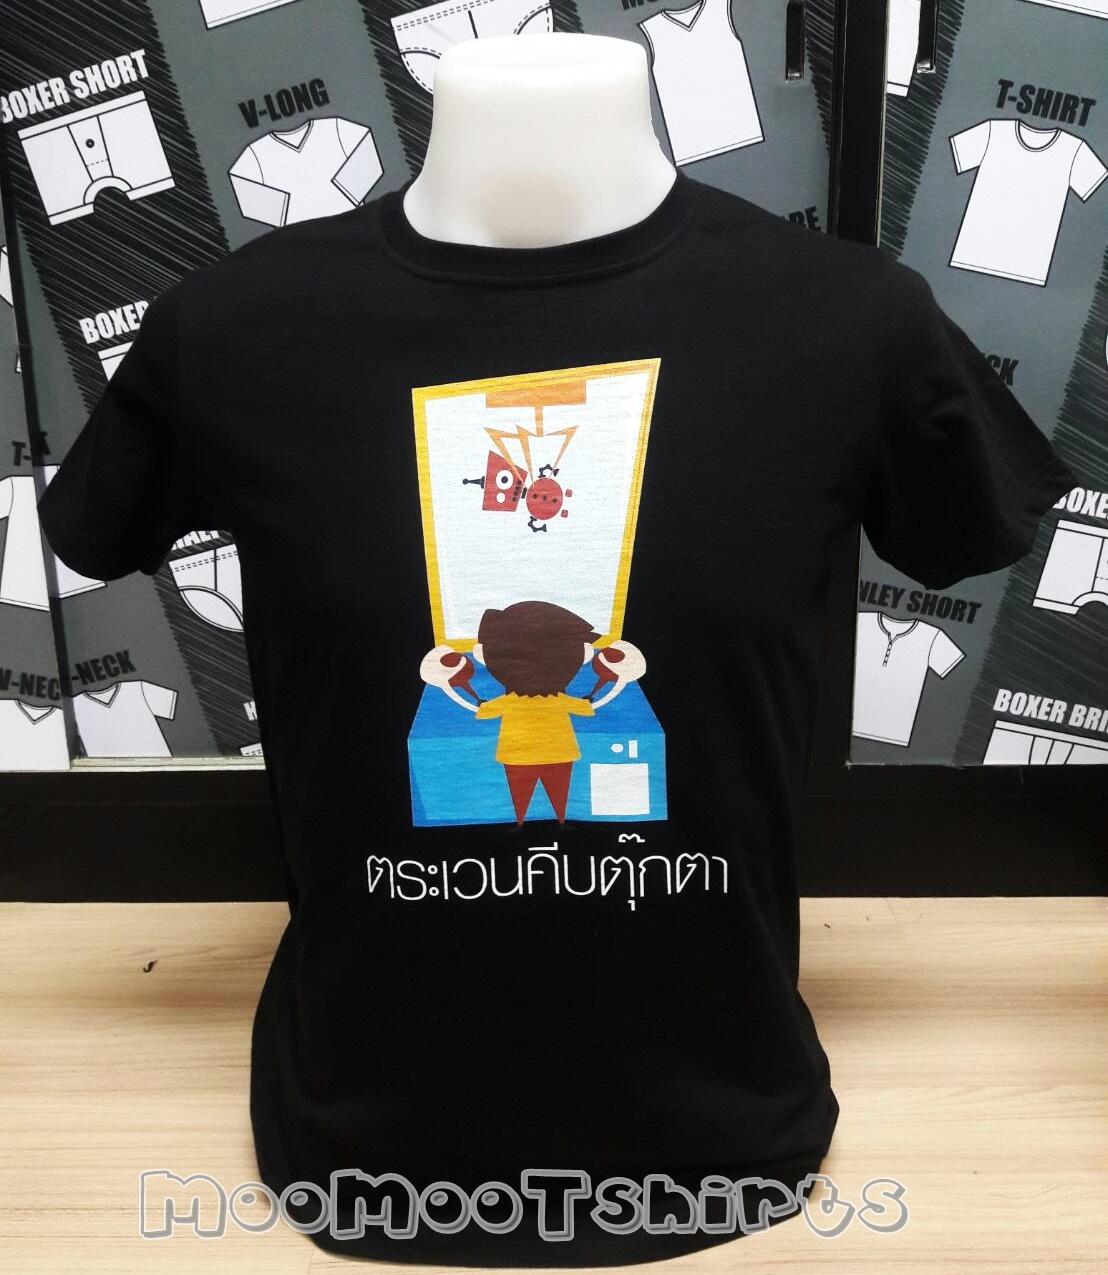 เสื้อดำสกรีนลายคนคีบตุ๊กตา ร้านเรารับสกรีนเสื้อด้วยระบบดิจิตอล